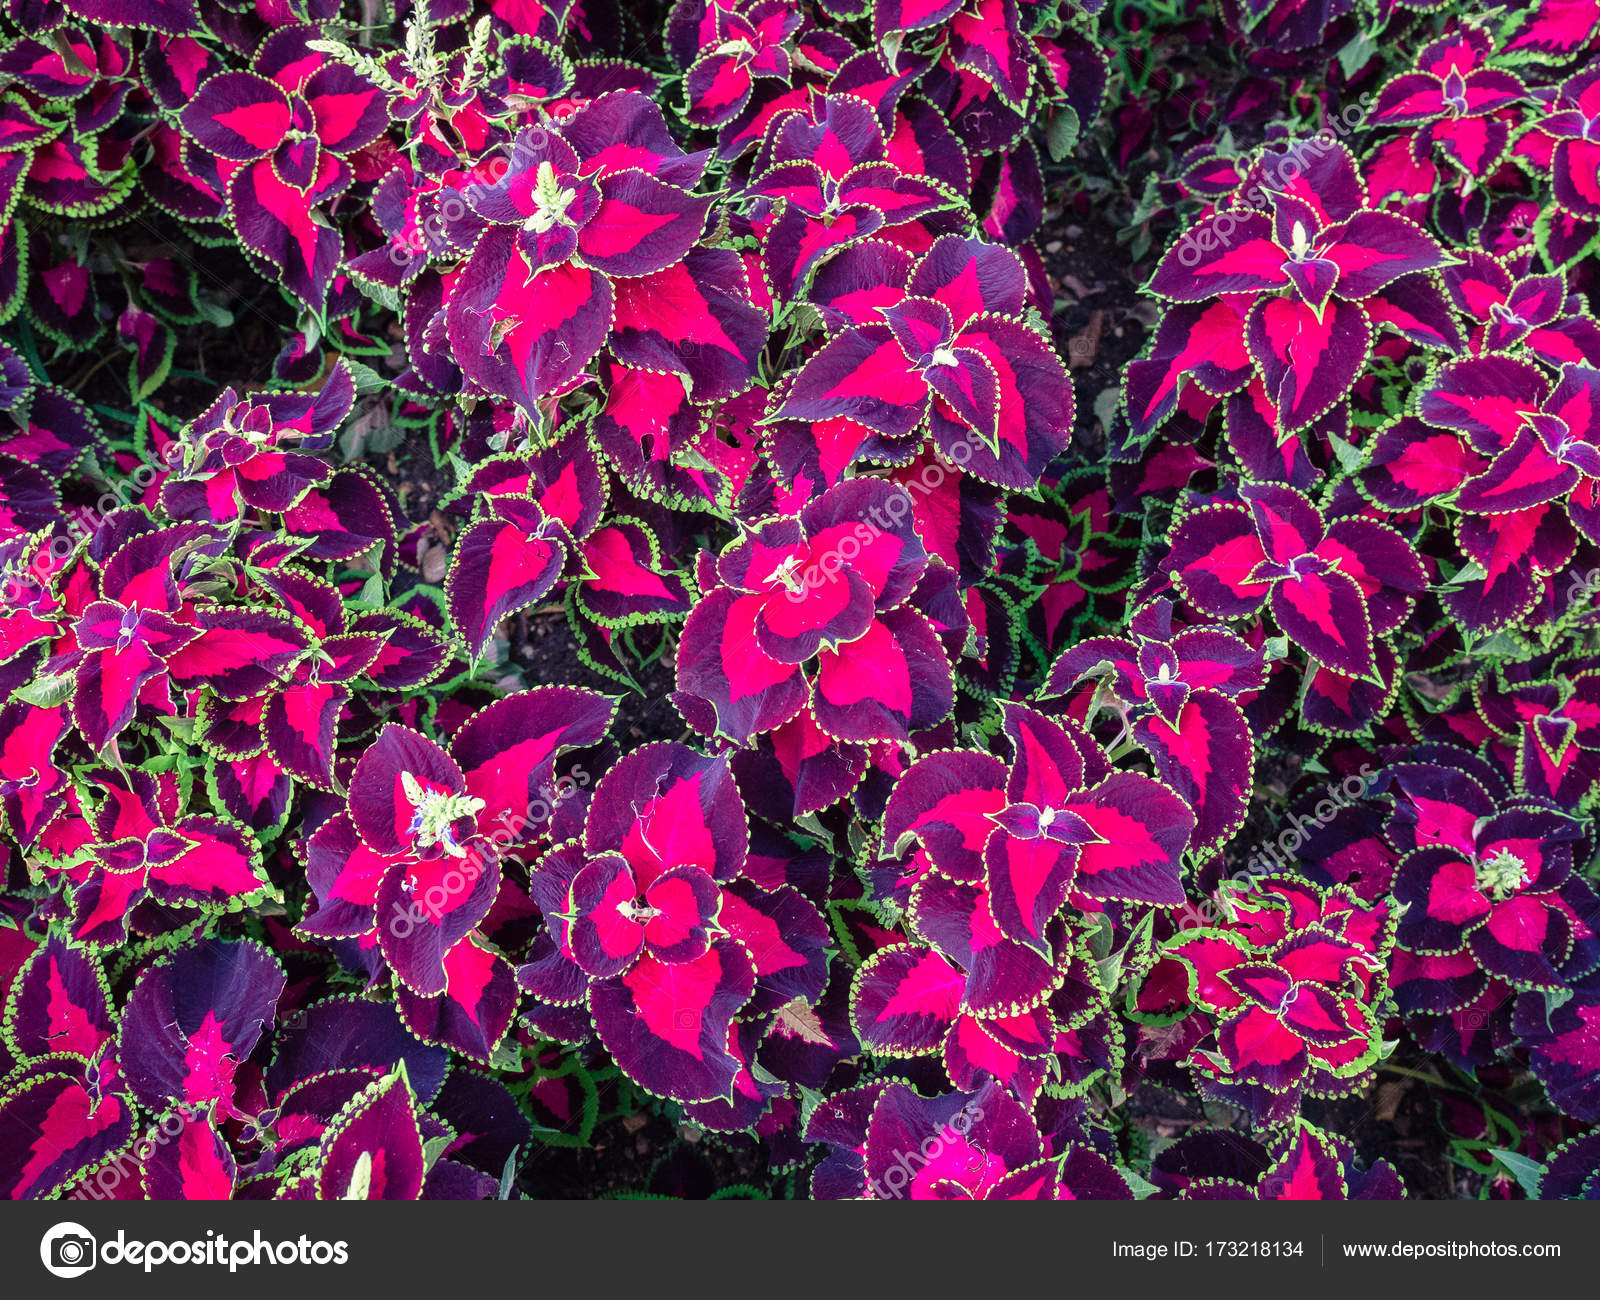 Coleus blumei fondo de plantas ornamentales fotos de for Cuales son las plantas ornamentales